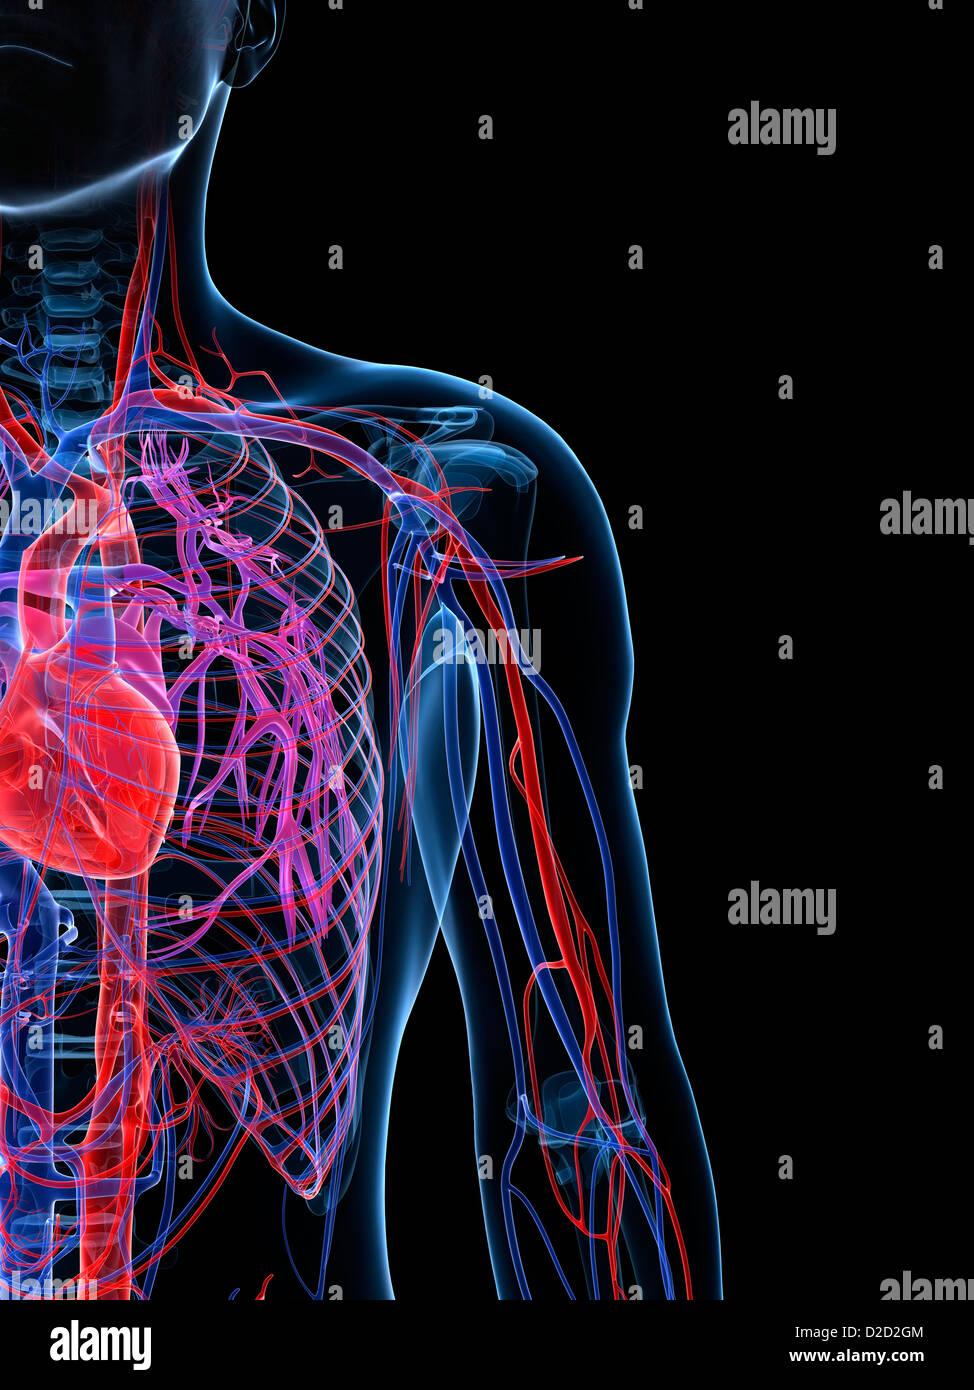 Erfreut Bilder Von Herz Kreislauf System Bilder - Physiologie Von ...